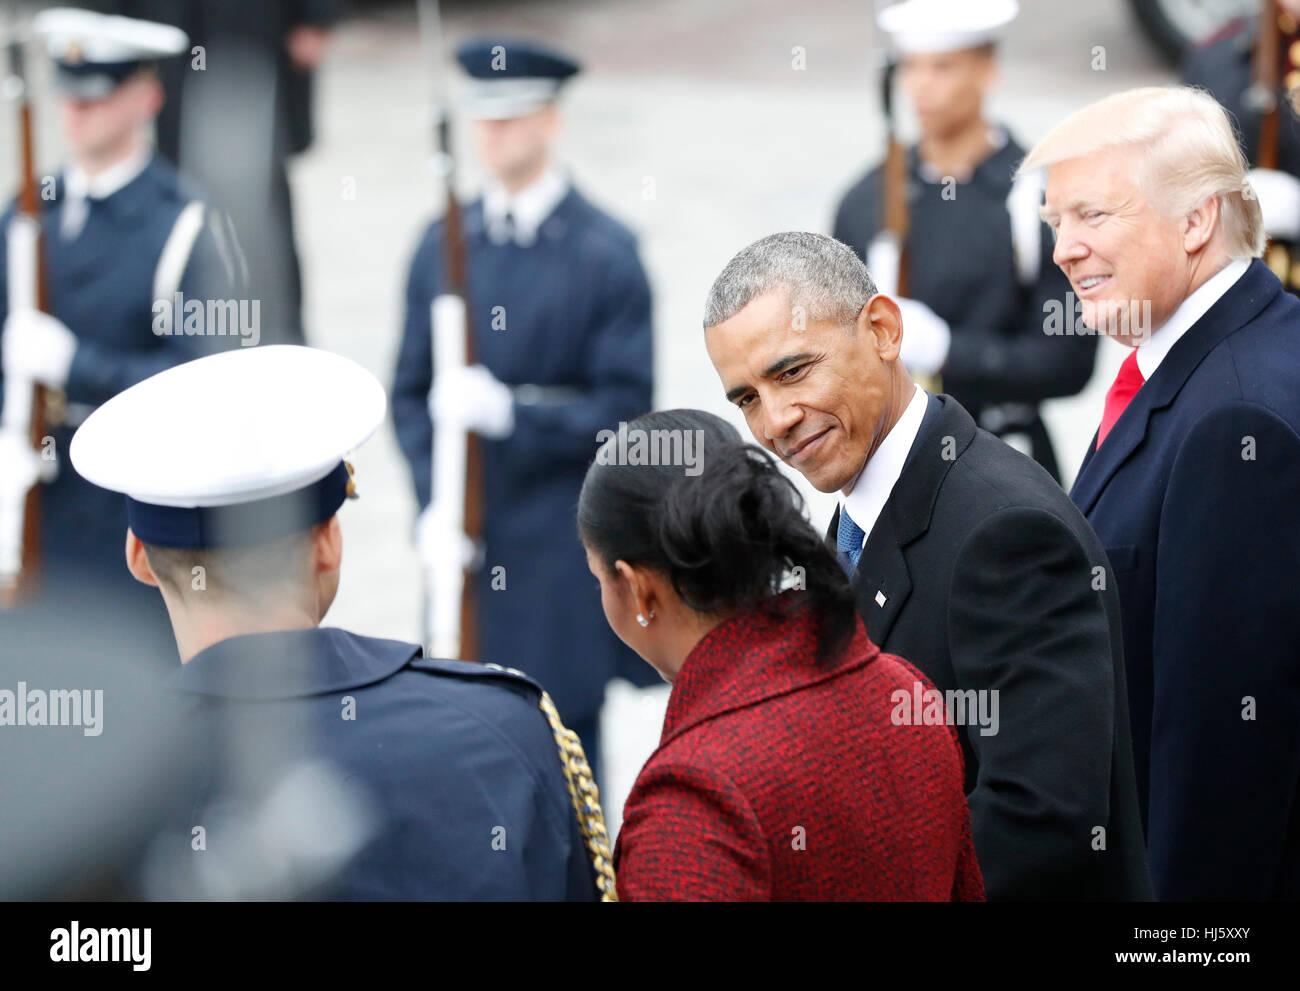 El Presidente de Estados Unidos, Donald Trump sonríe como el ex Presidente de los Estados Unidos Barack Obama Imagen De Stock